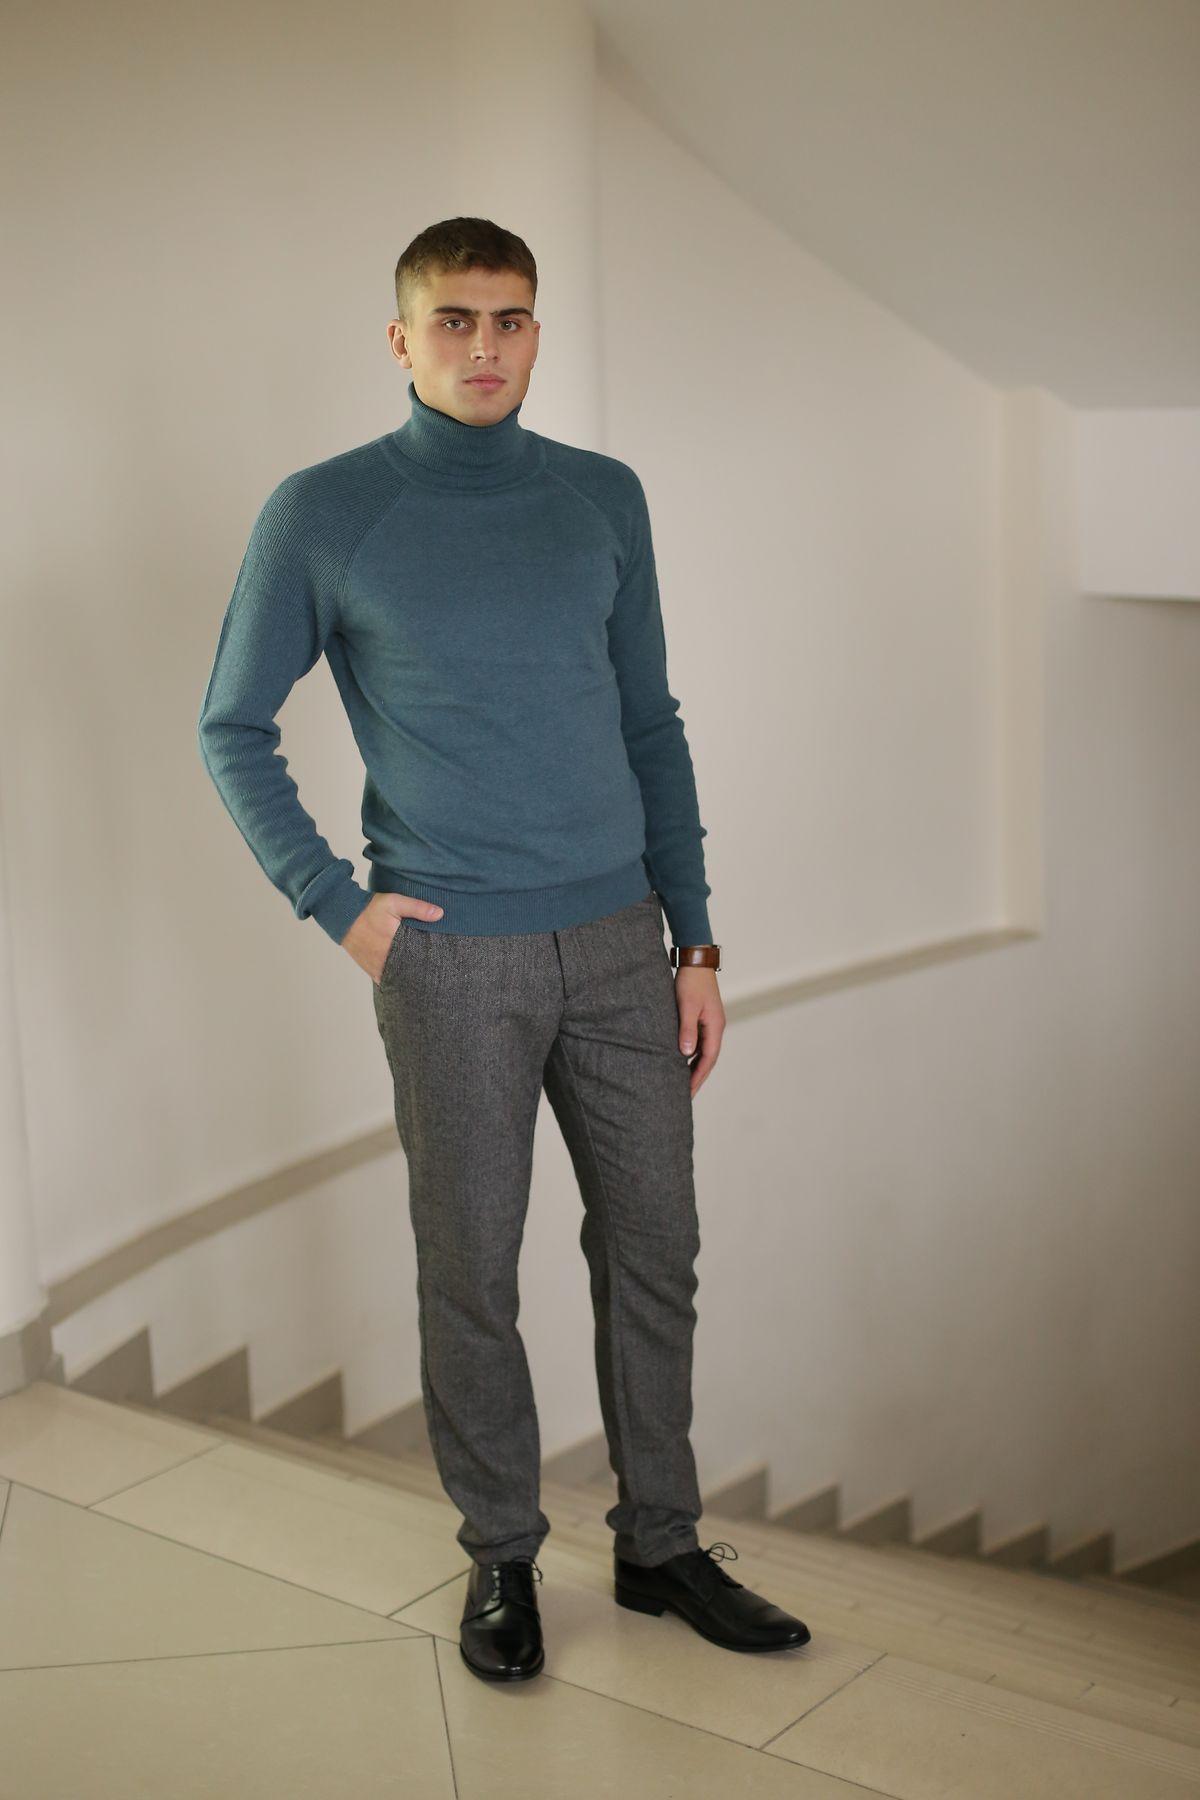 Водолазка tom farr, брюки corey fildman, туфли классические «Conhpol»